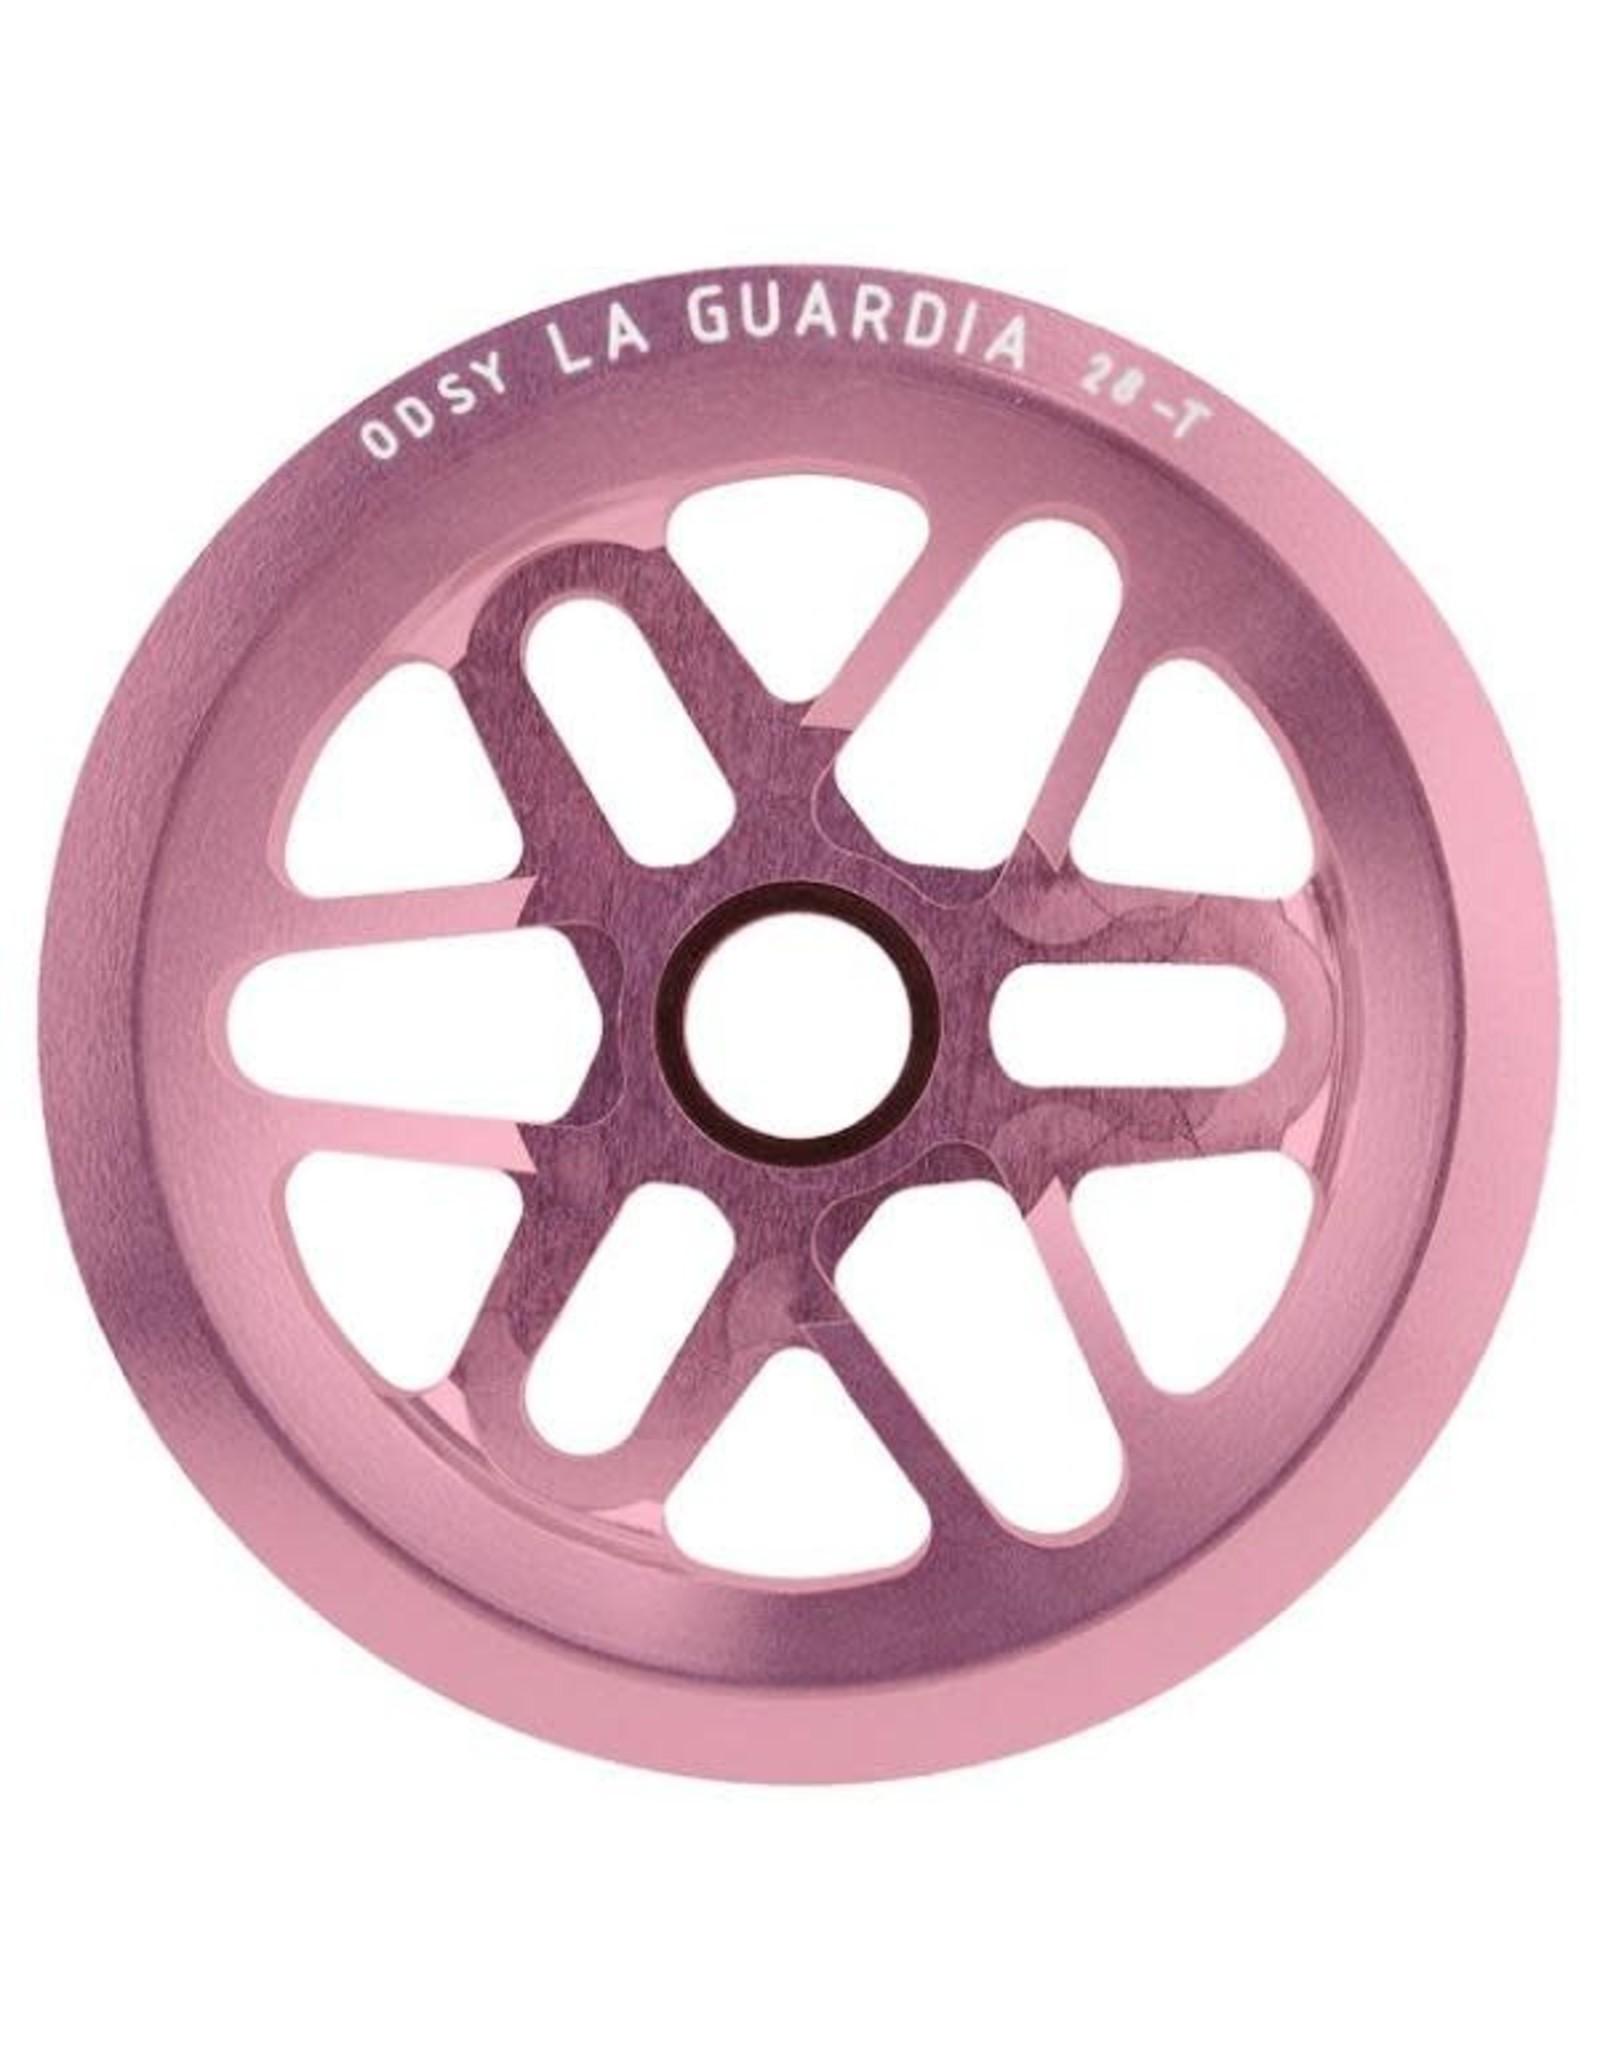 ODYSSEY ODYSSEY LA GUARDIA SPROCKET 25-T PALE PINK